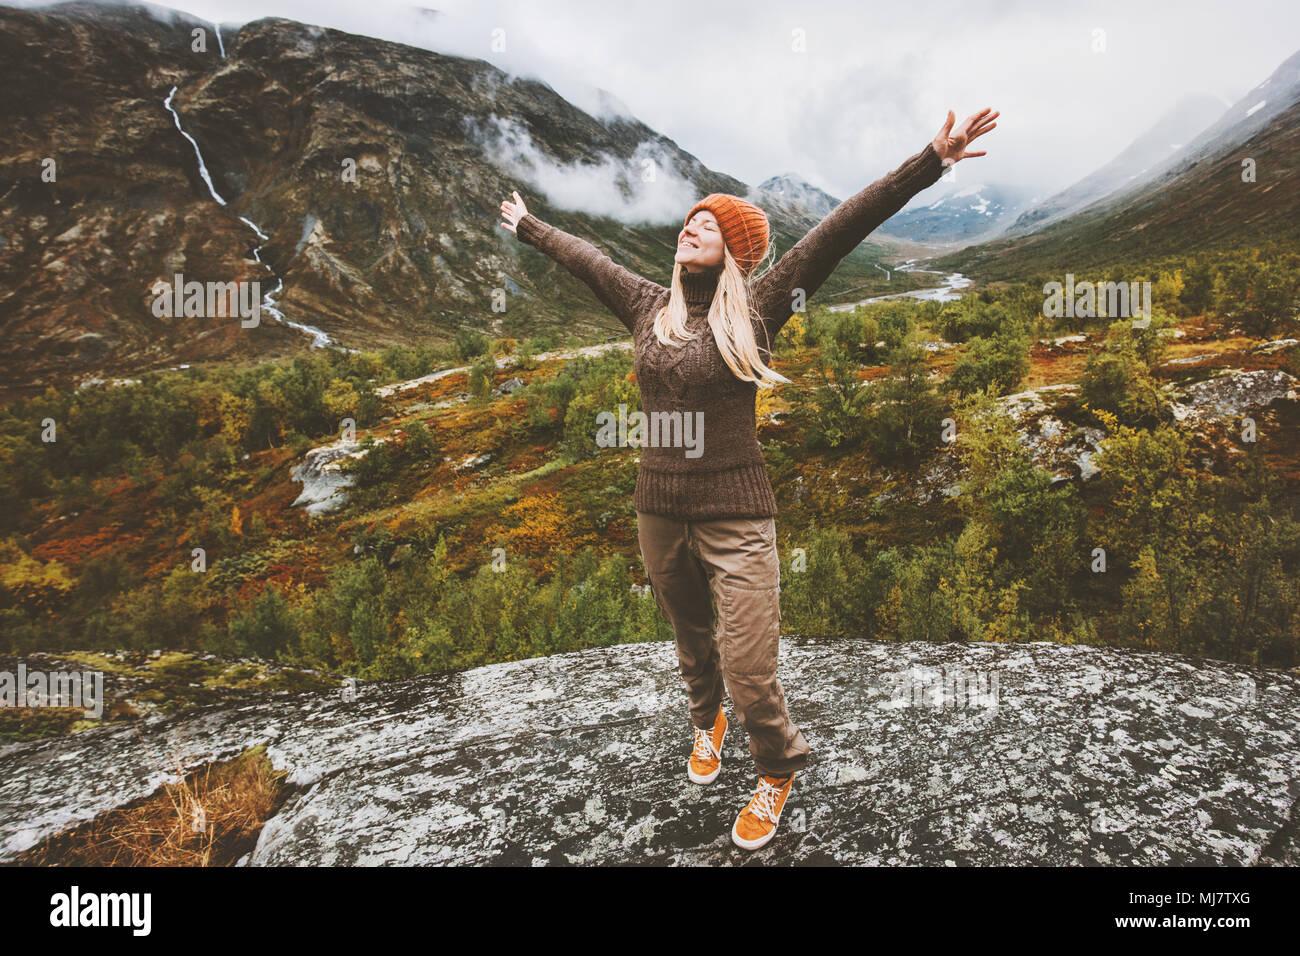 Donna felice traveler alzare le mani a piedi nella foresta montagne avventuroso viaggio uno stile di vita sano concetto vacanze Immagini Stock